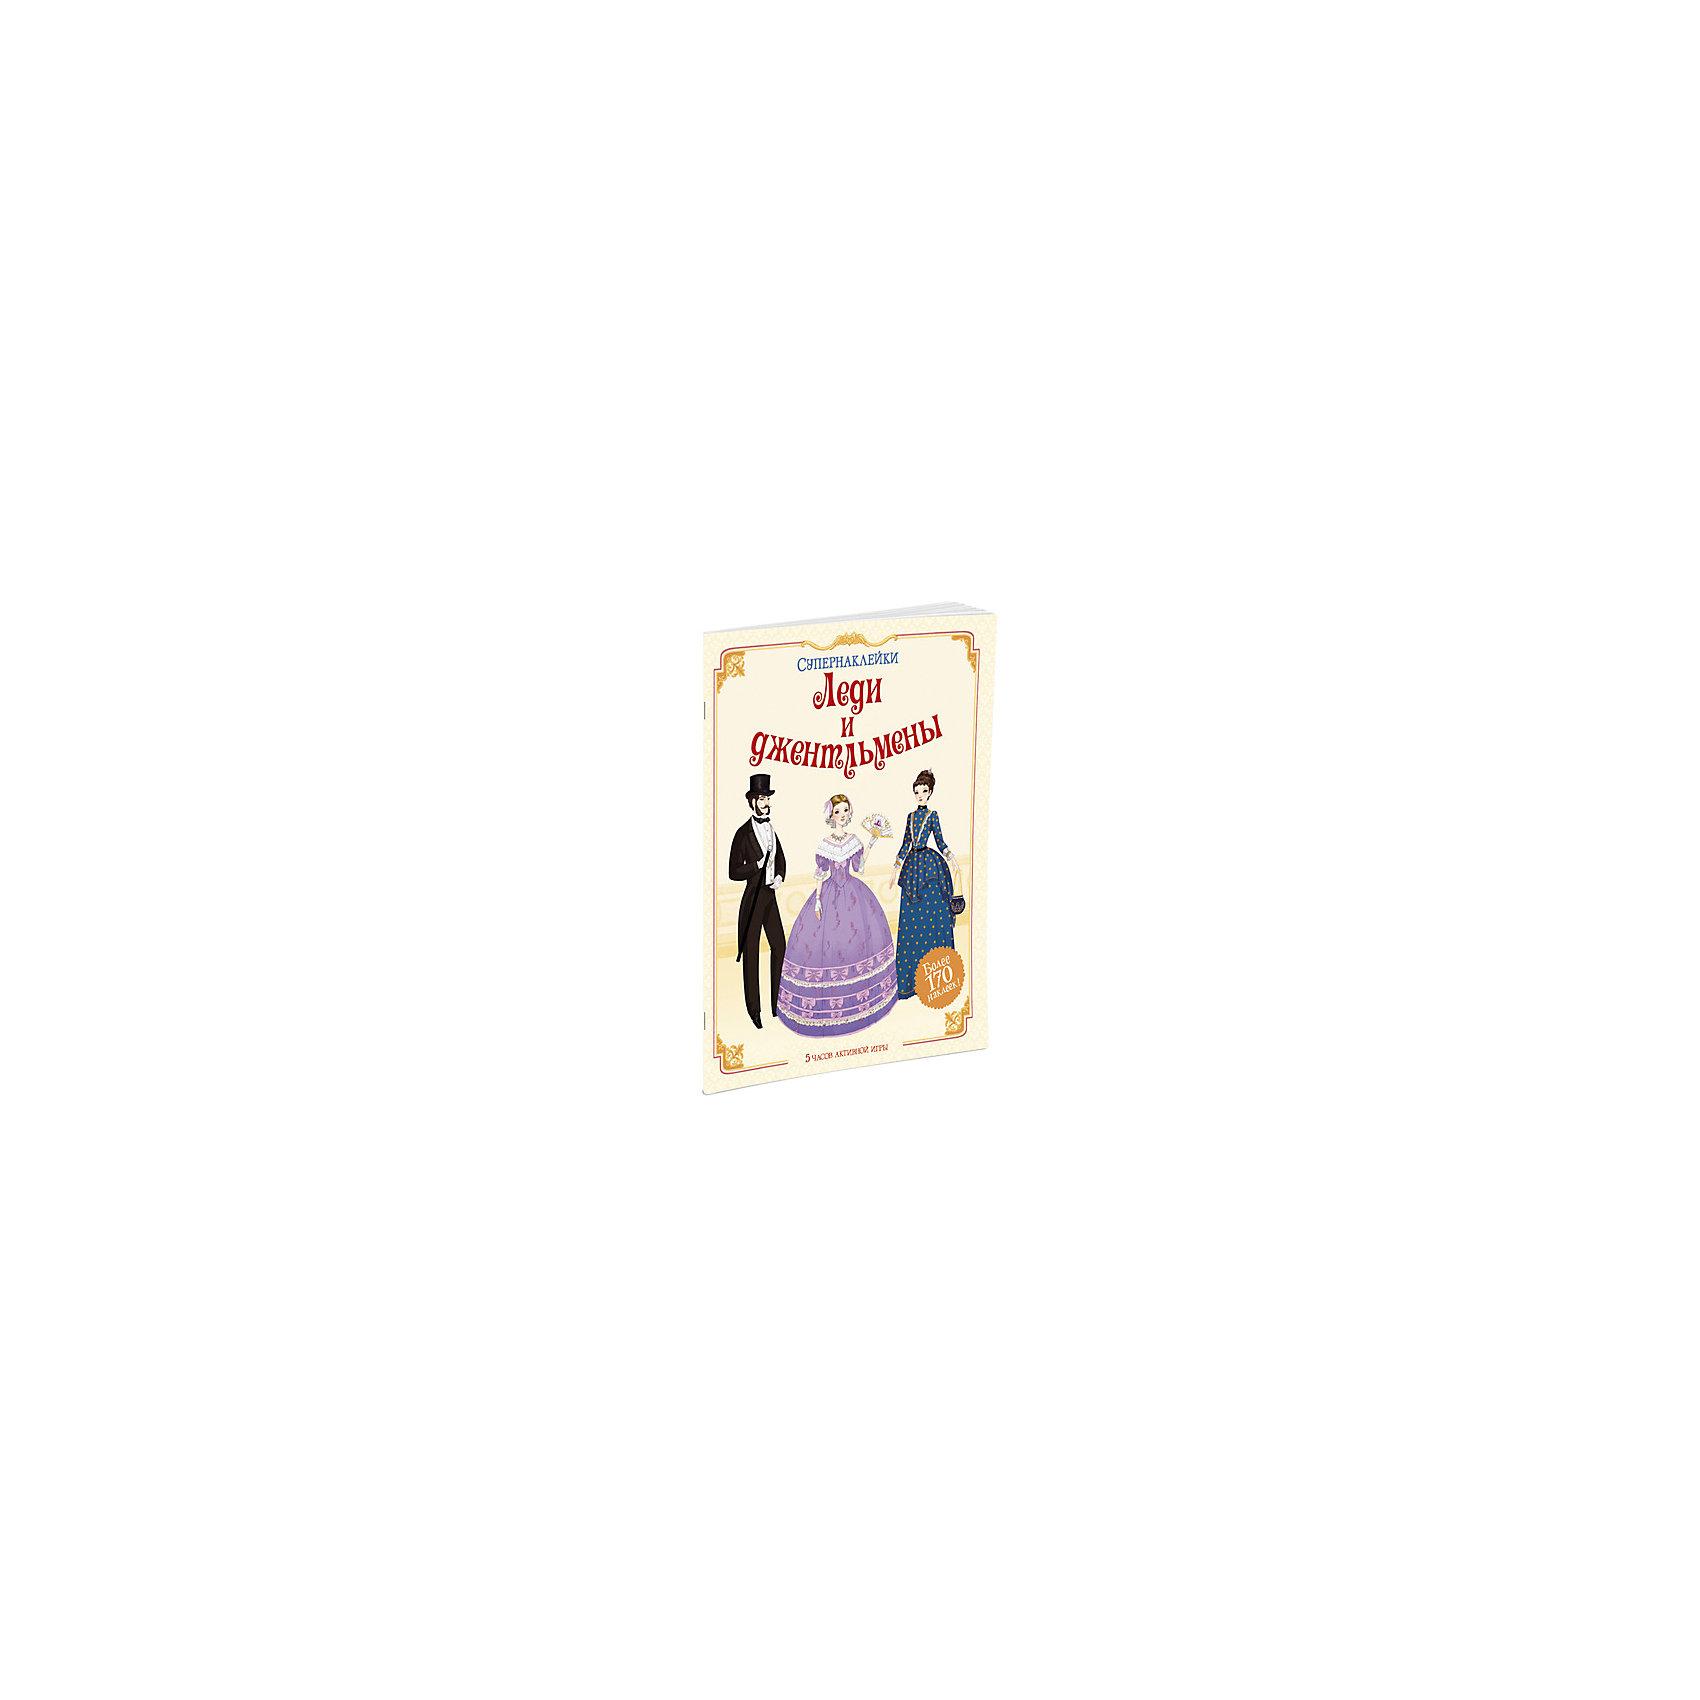 Наклейки Леди и джентльмены, MACHAONКнижки с наклейками<br>Книжка с наклейками Леди и джентльмены.<br><br>Характеристики:<br><br>• Для детей в возрасте: от 12 месяцев до 3 лет<br>• Автор: Сэм Лейк<br>• Переводчик: М. Торчинская<br>• Иллюстратор: С. Бурси<br>• Издательство: Махаон, 2015 год<br>• Серия: Супернаклейки<br>• Тип обложки: мягкий переплет (крепление скрепкой или клеем)<br>• Оформление: с наклейками (более 170 наклеек)<br>• Иллюстрации: цветные<br>• Количество страниц: 24 (мелованная)<br>• Размер: 305x240x2 мм.<br>• Вес: 303 гр.<br>• ISBN: 9785389095847<br><br>Отправляйся в путешествие по старинной Англии! Книжка расскажет тебе о том, как одевались джентльмены и их дамы в XIX веке. Наряди модников и модниц с помощью наклеек. В книге ты найдёшь самые разные туалеты от шёлкового бального платья до купального костюма. Читаем и играем! Развиваем внимание, воображение, мелкую моторику и художественный вкус.<br><br>Книжку с наклейками Леди и джентльмены можно купить в нашем интернет-магазине.<br><br>Ширина мм: 305<br>Глубина мм: 240<br>Высота мм: 20<br>Вес г: 303<br>Возраст от месяцев: 12<br>Возраст до месяцев: 36<br>Пол: Женский<br>Возраст: Детский<br>SKU: 5493459